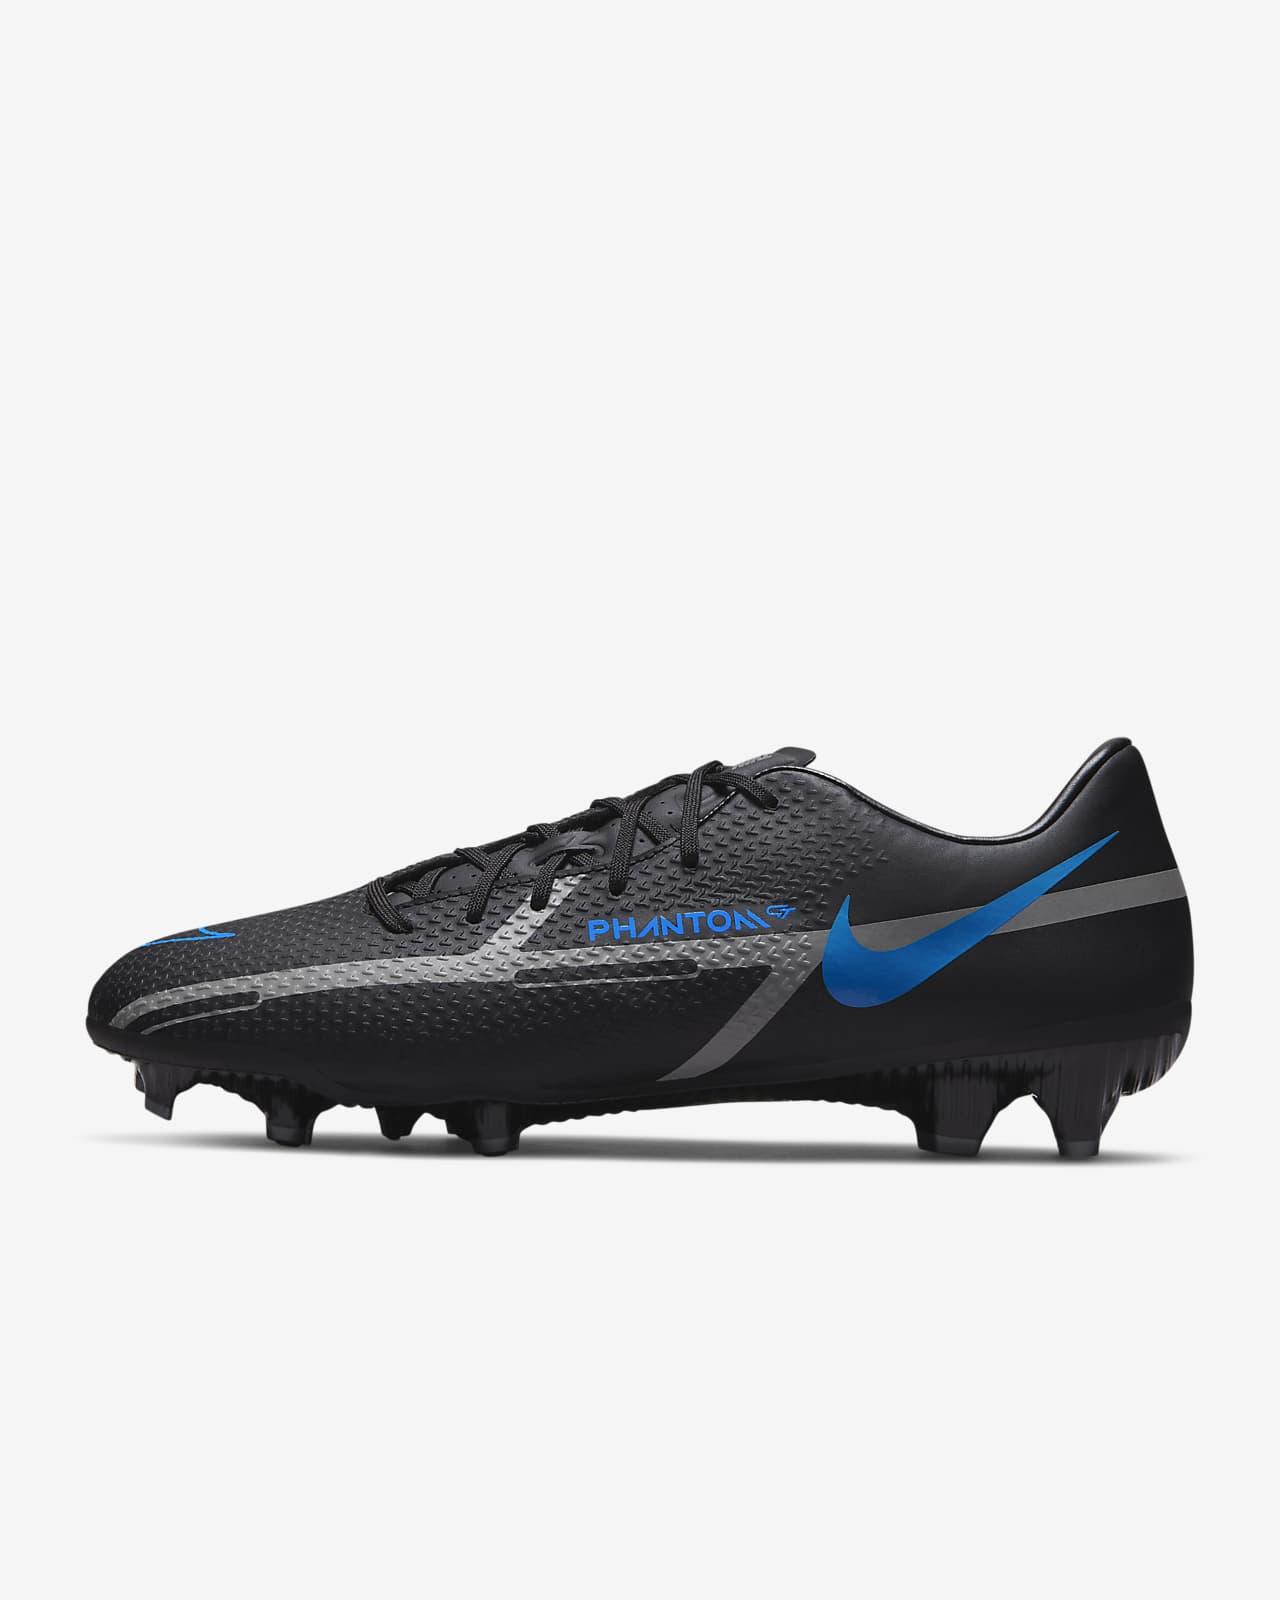 Calzado de fútbol para superficies múltiples Nike Phantom GT2 Academy MG